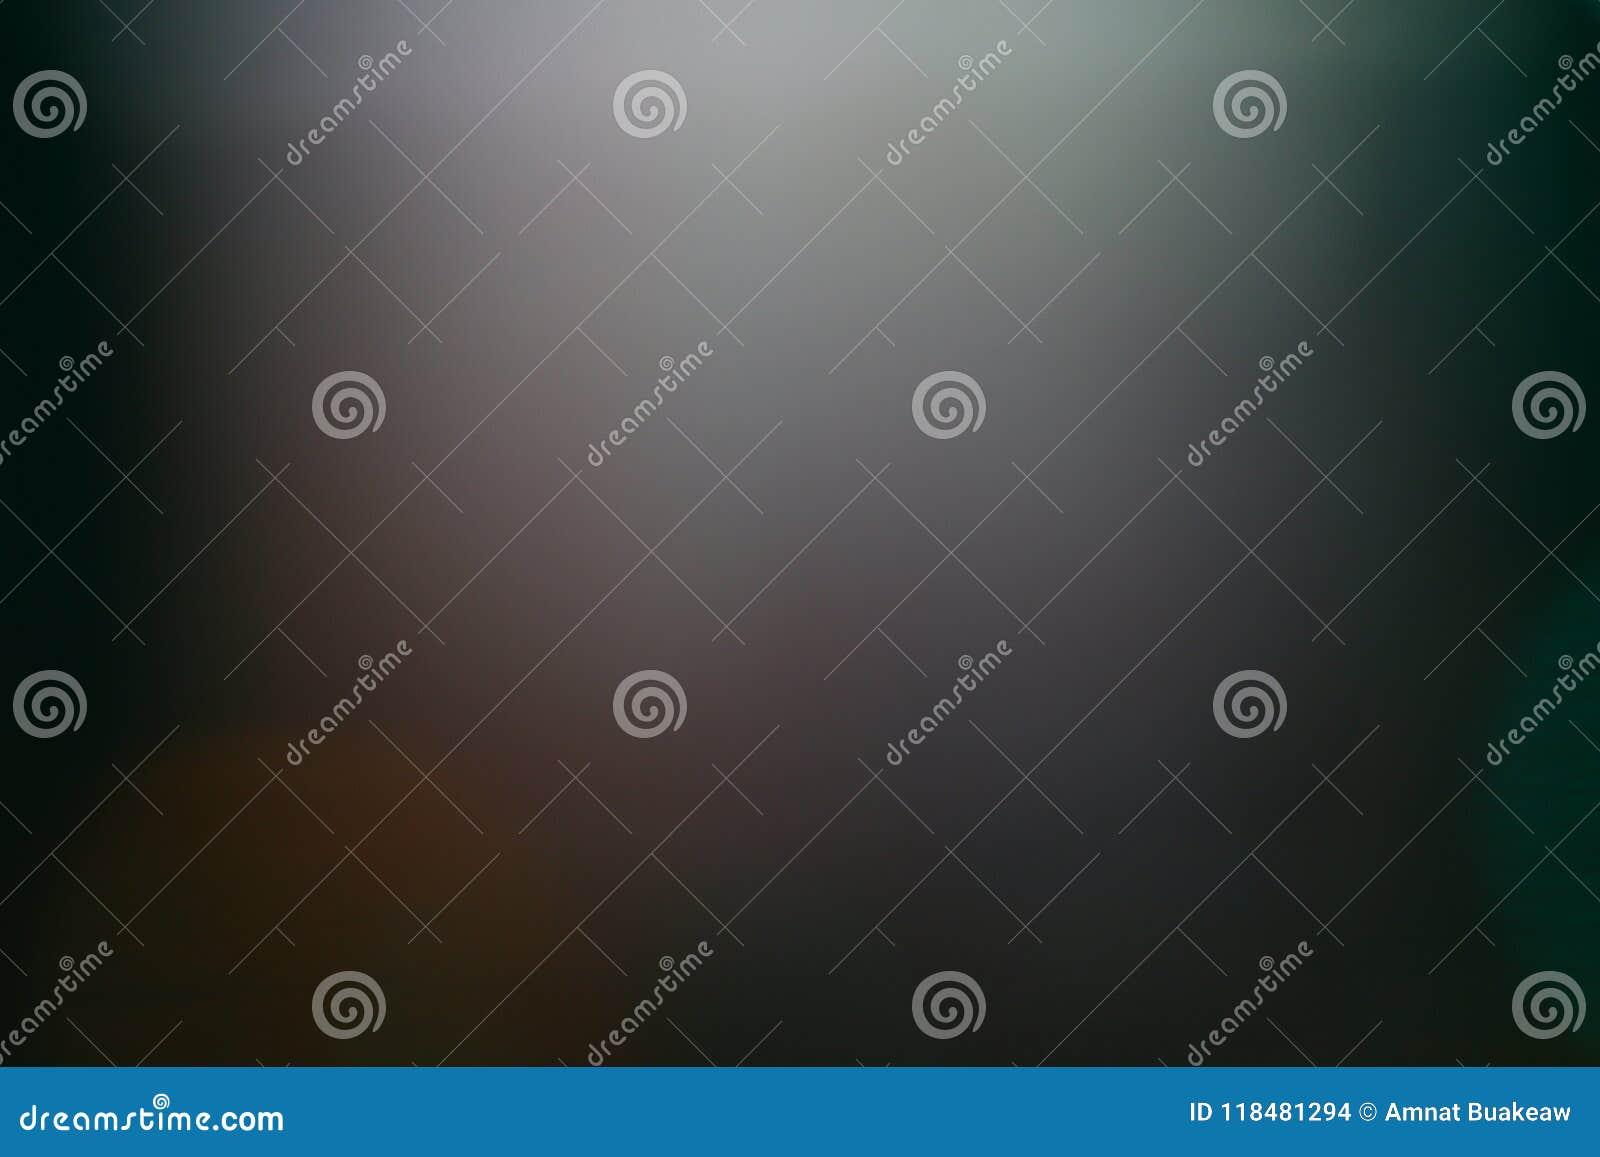 lighting spot gradient on background black dark modern background